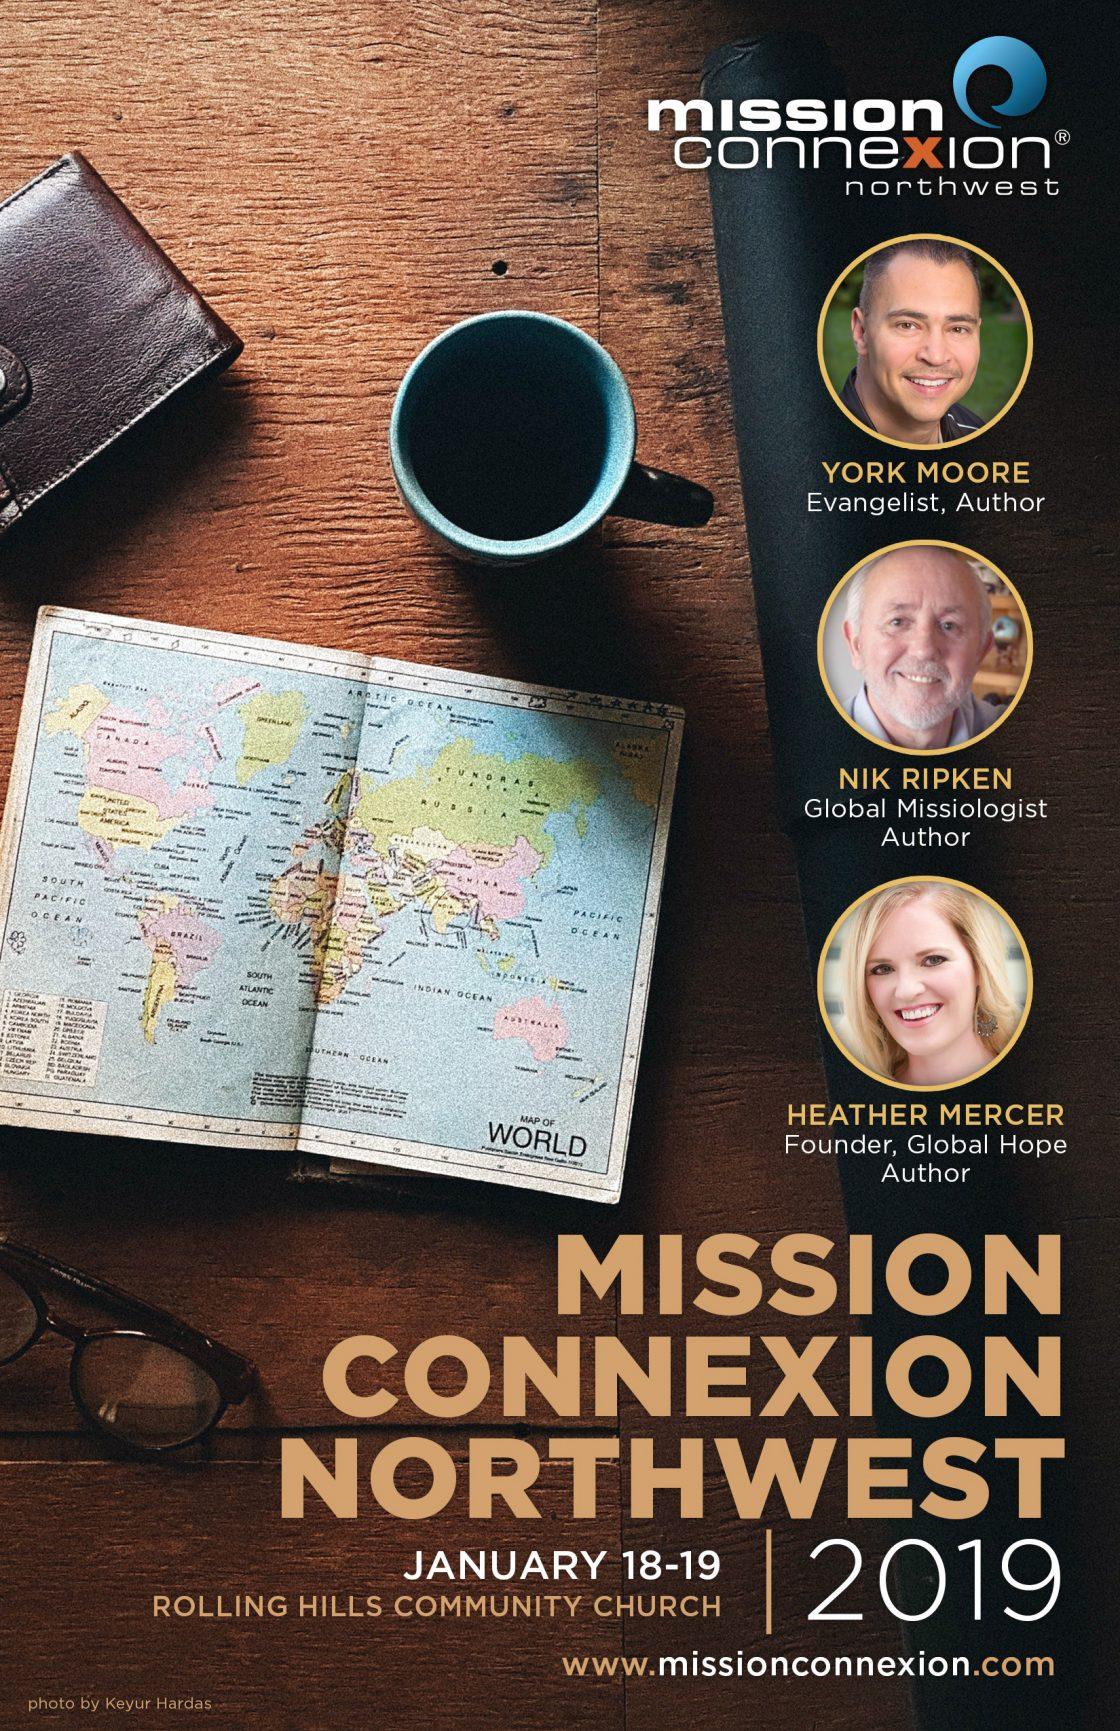 MissionConnexionNW2019